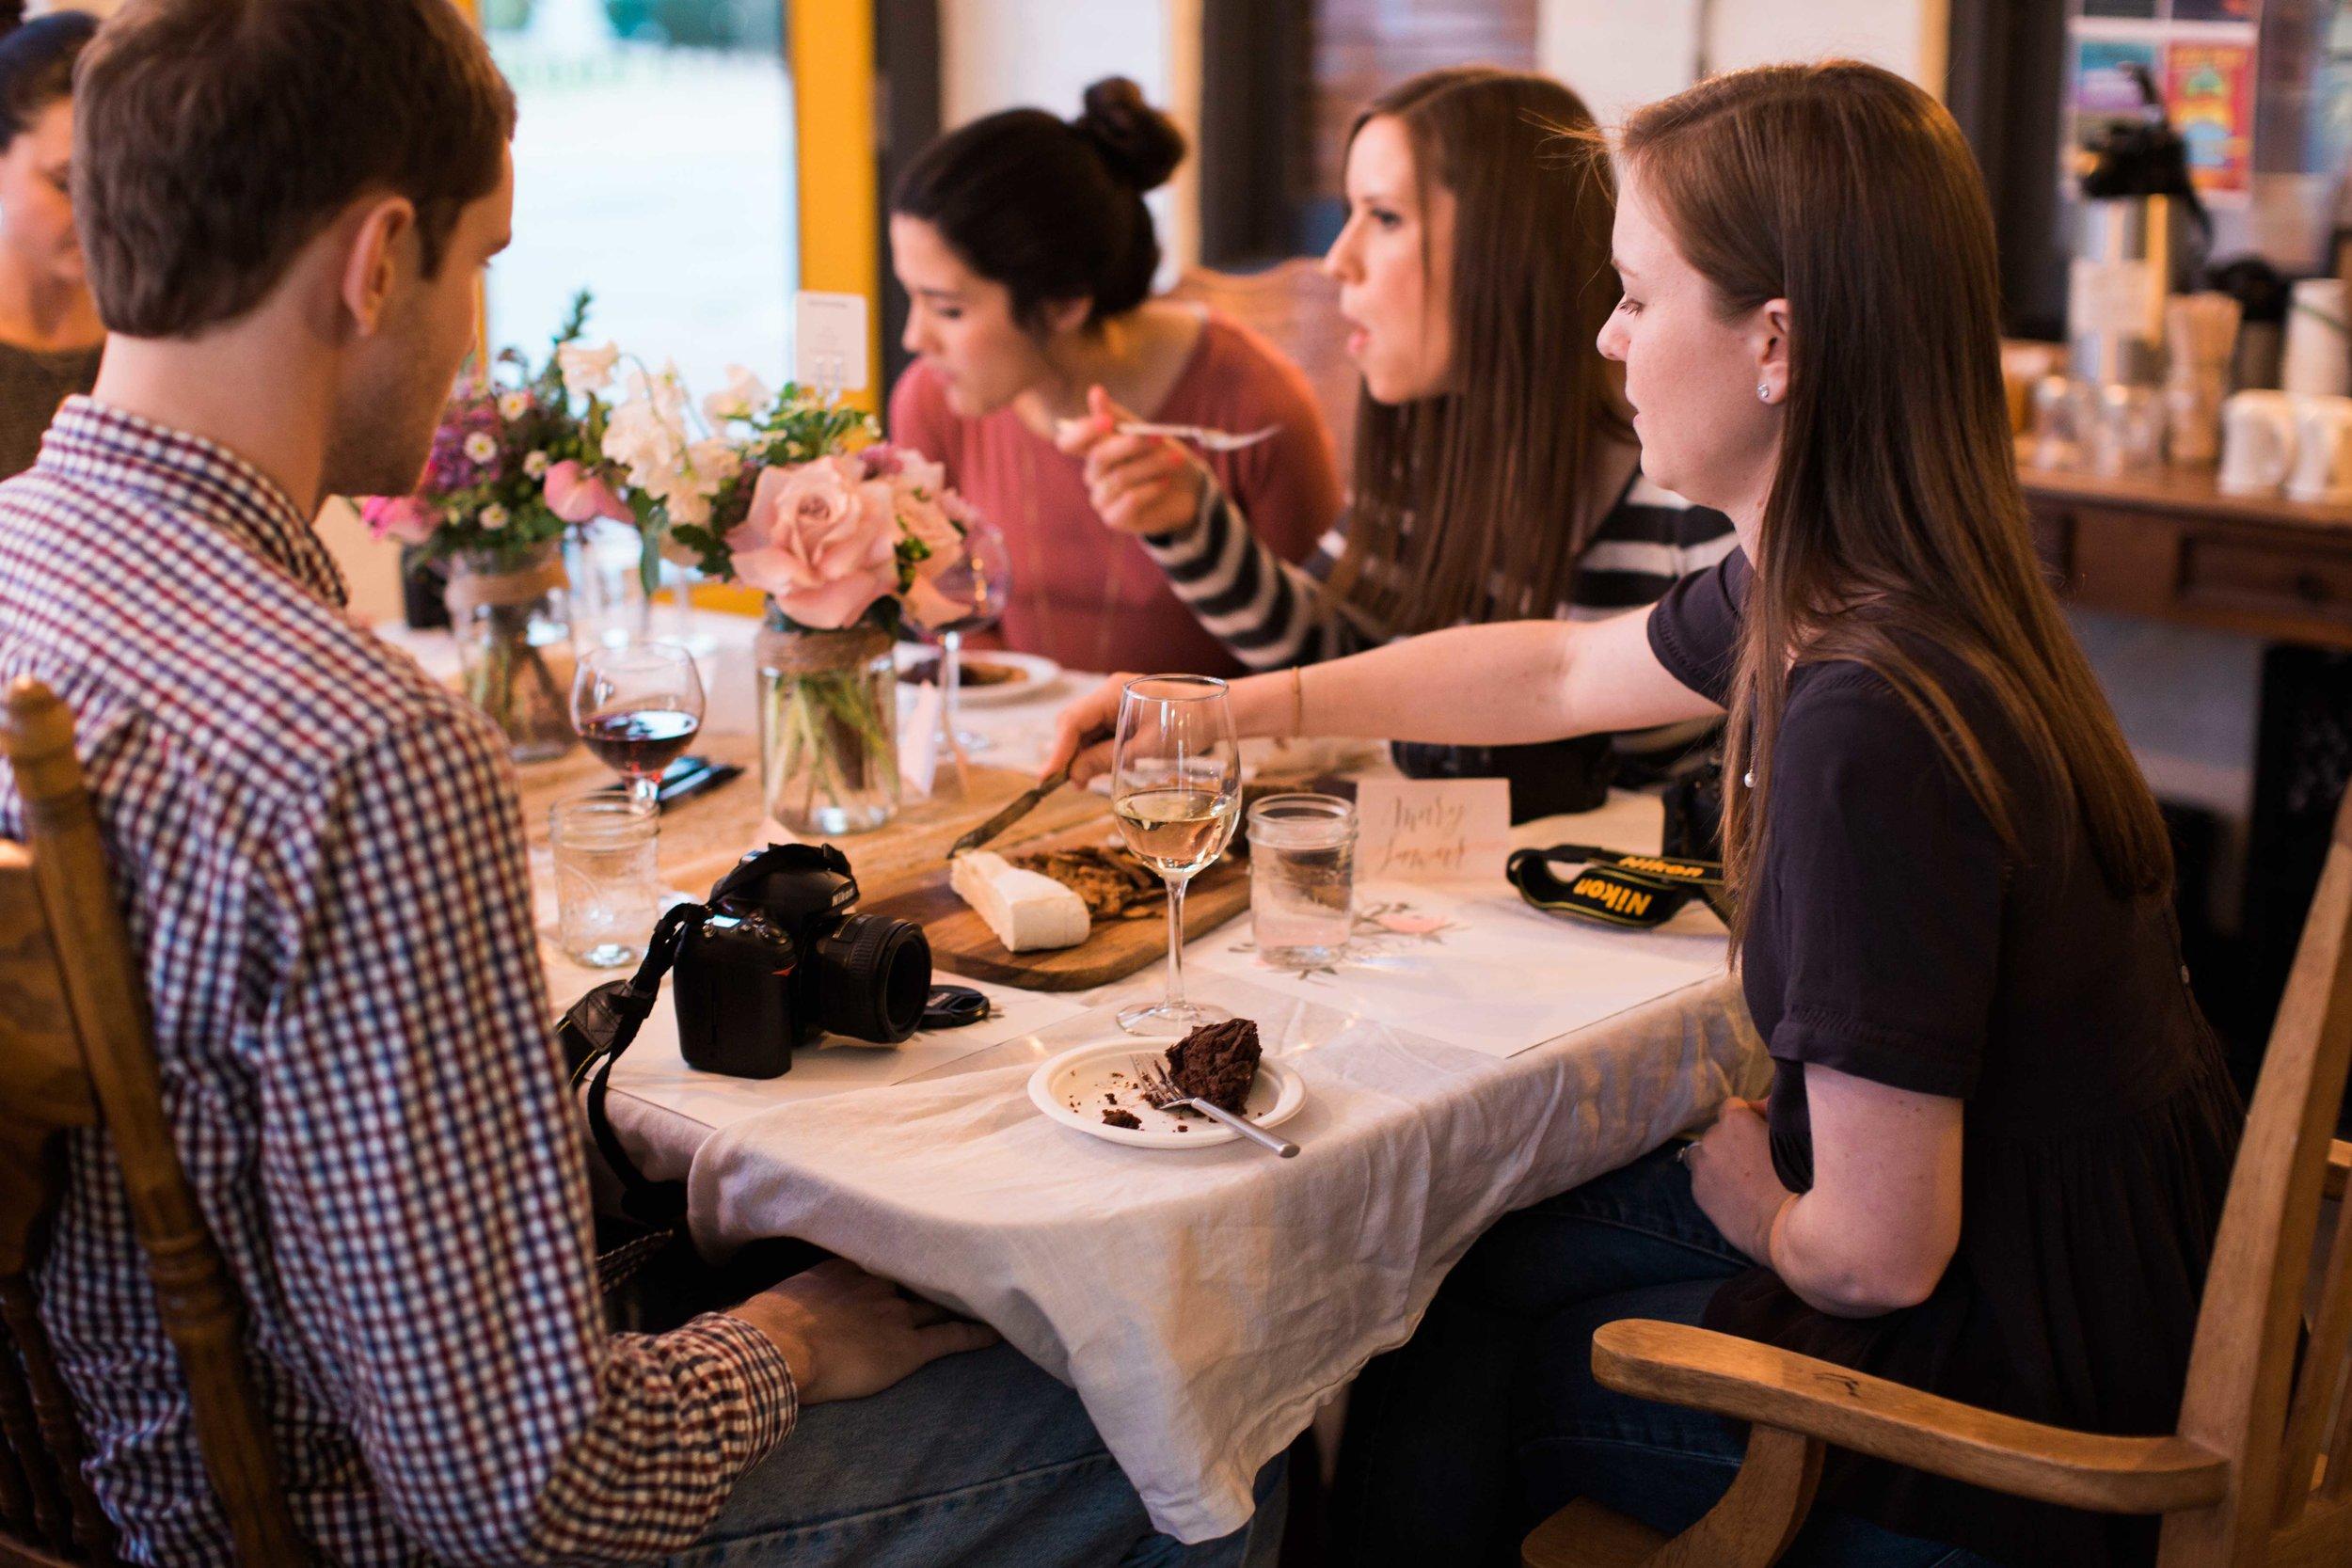 Photography Workshop at Stir Crazy Baked Goods 2-17-17 (63 of 116).jpg